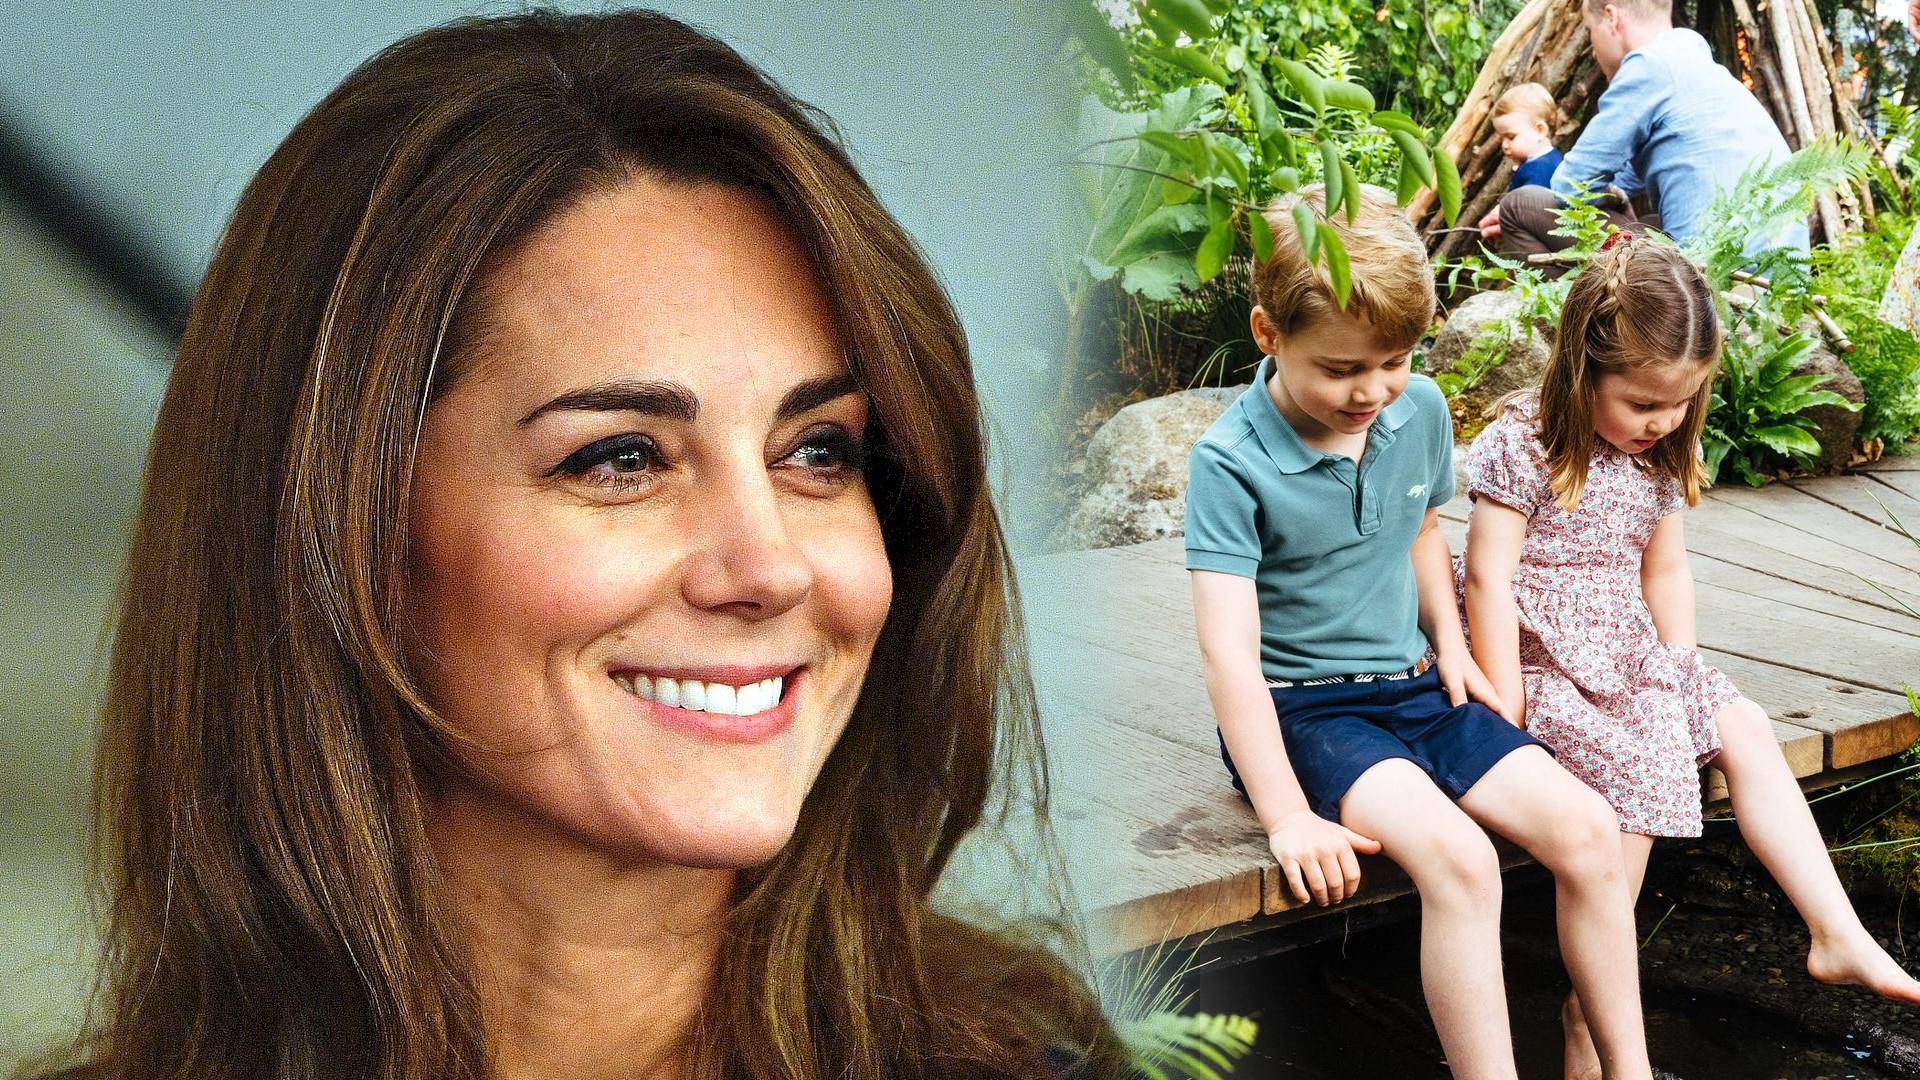 Ta kobieta miała szczęście! Zobaczyła księżną Kate z dziećmi w TAKIEJ sytuacji